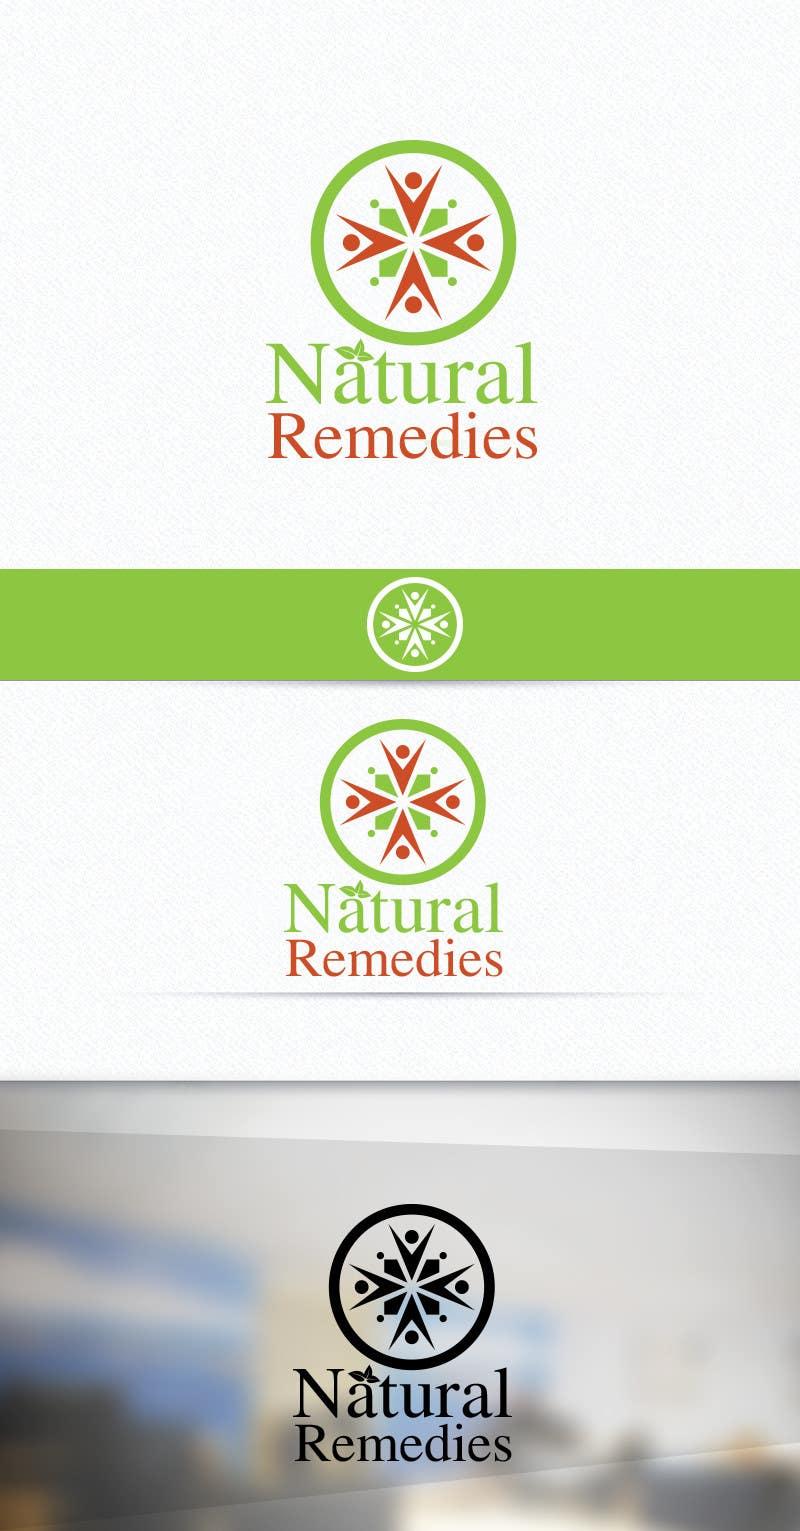 Inscrição nº 61 do Concurso para Design a Logo for Natural Remedies